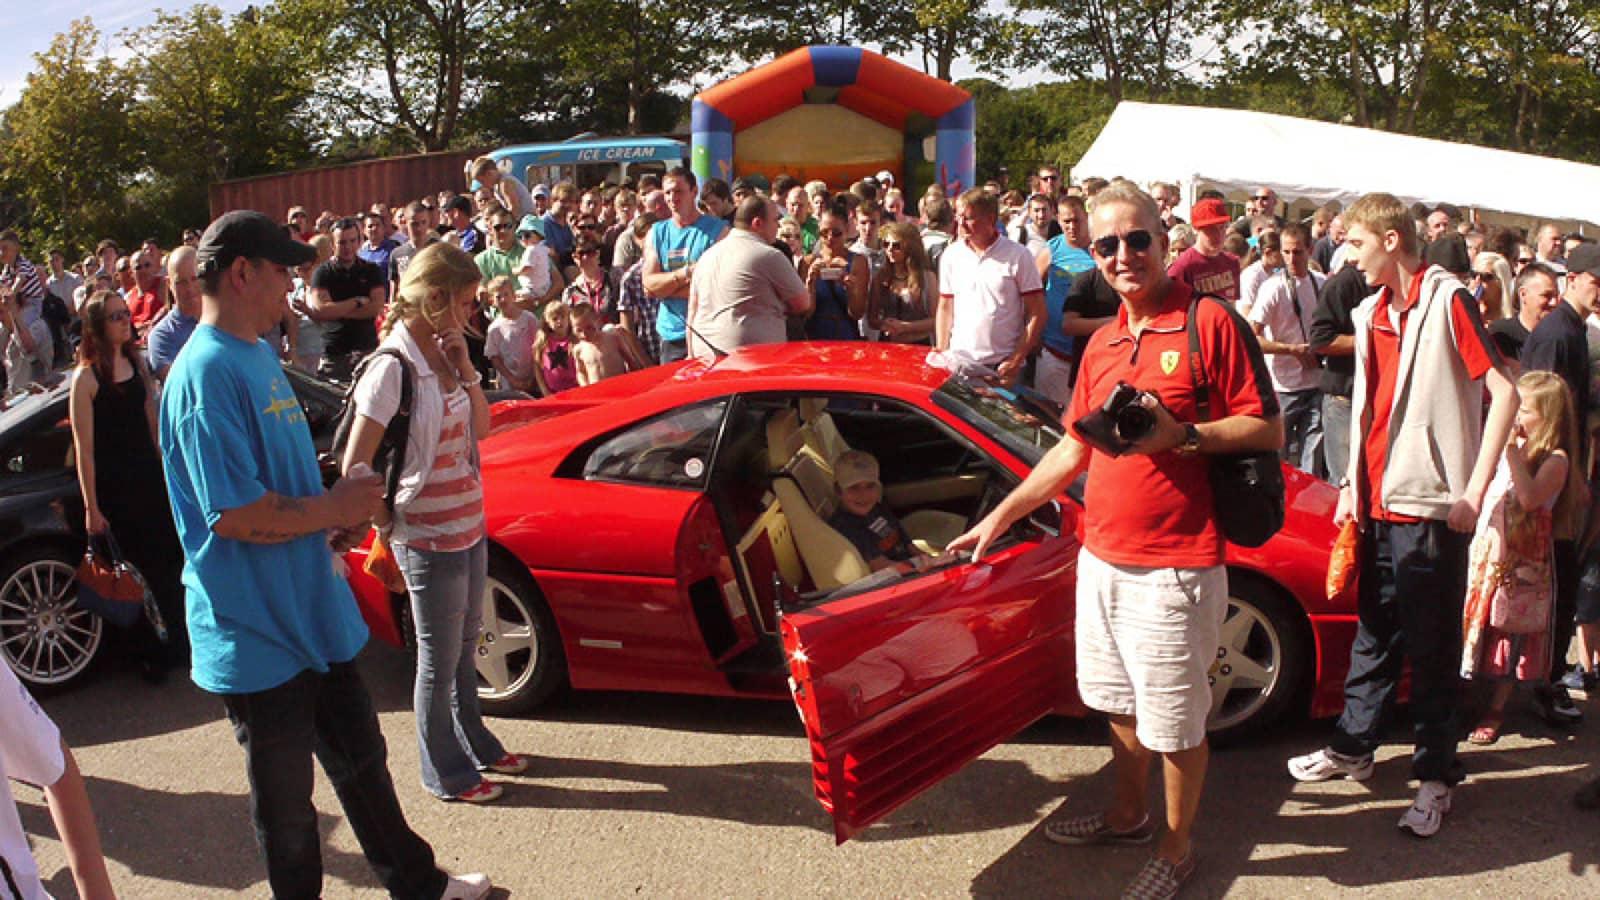 Pai realiza último desejo de filho ao reunir mais de 1.000 carros em encontro 5